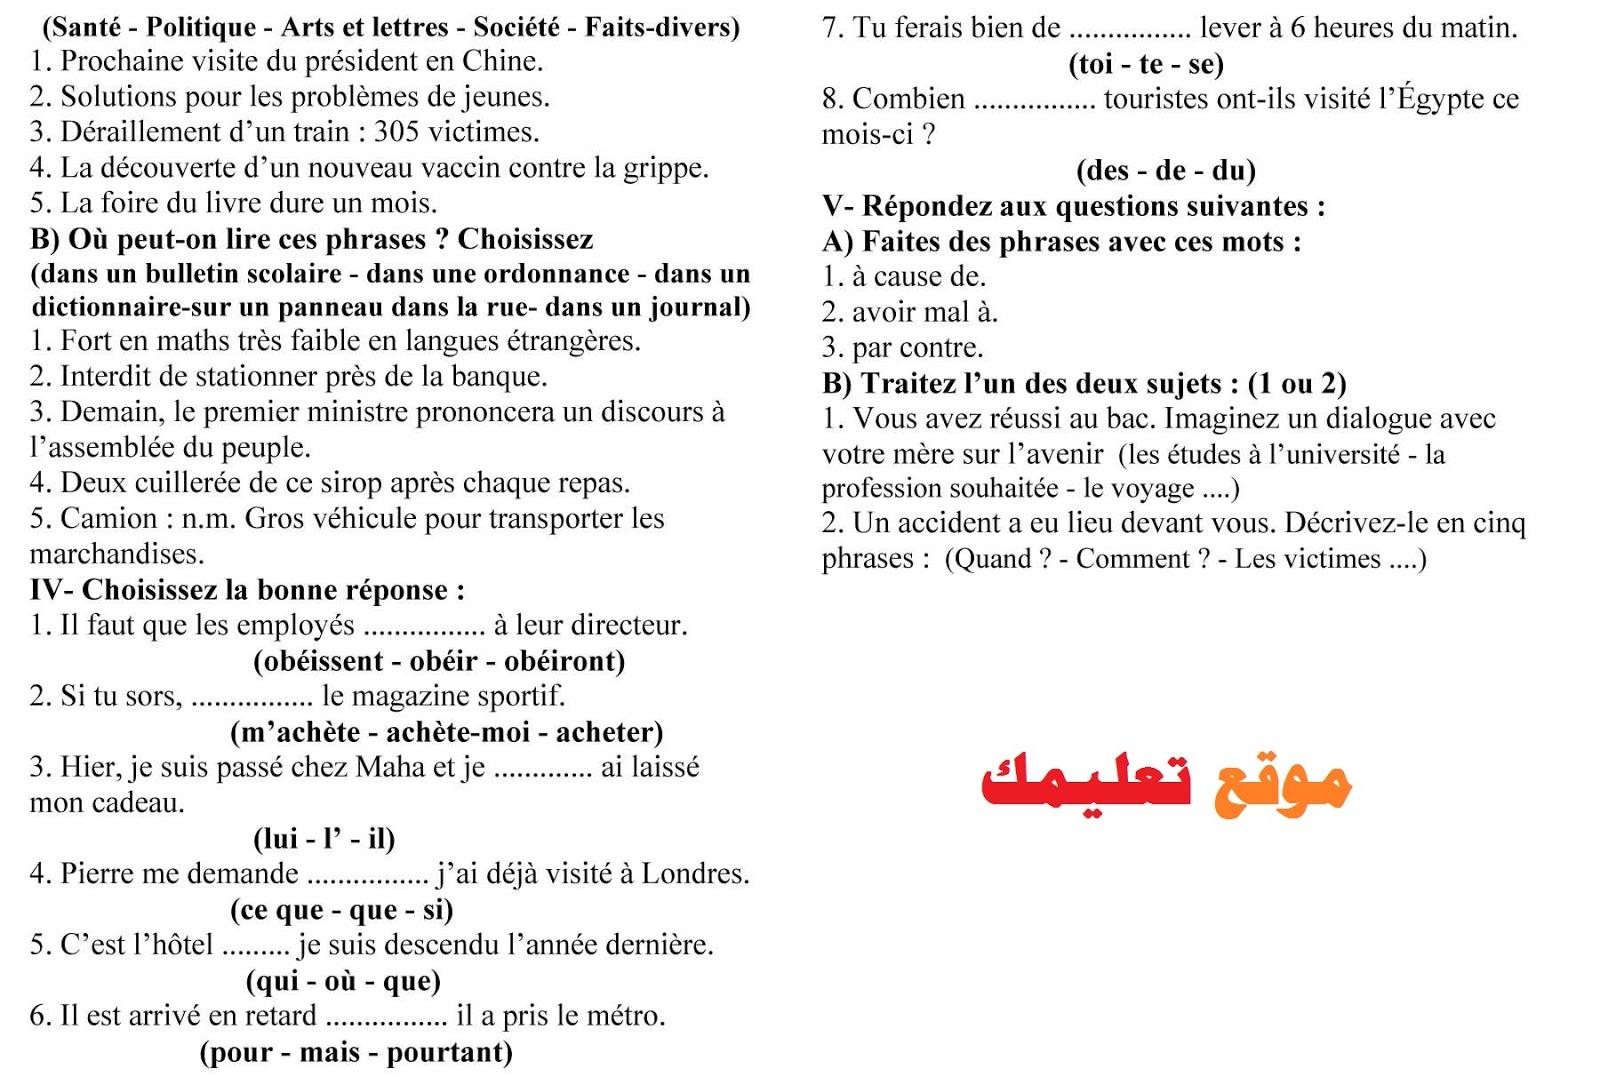 إمتحان السودان 2015 في لغة فرنسية